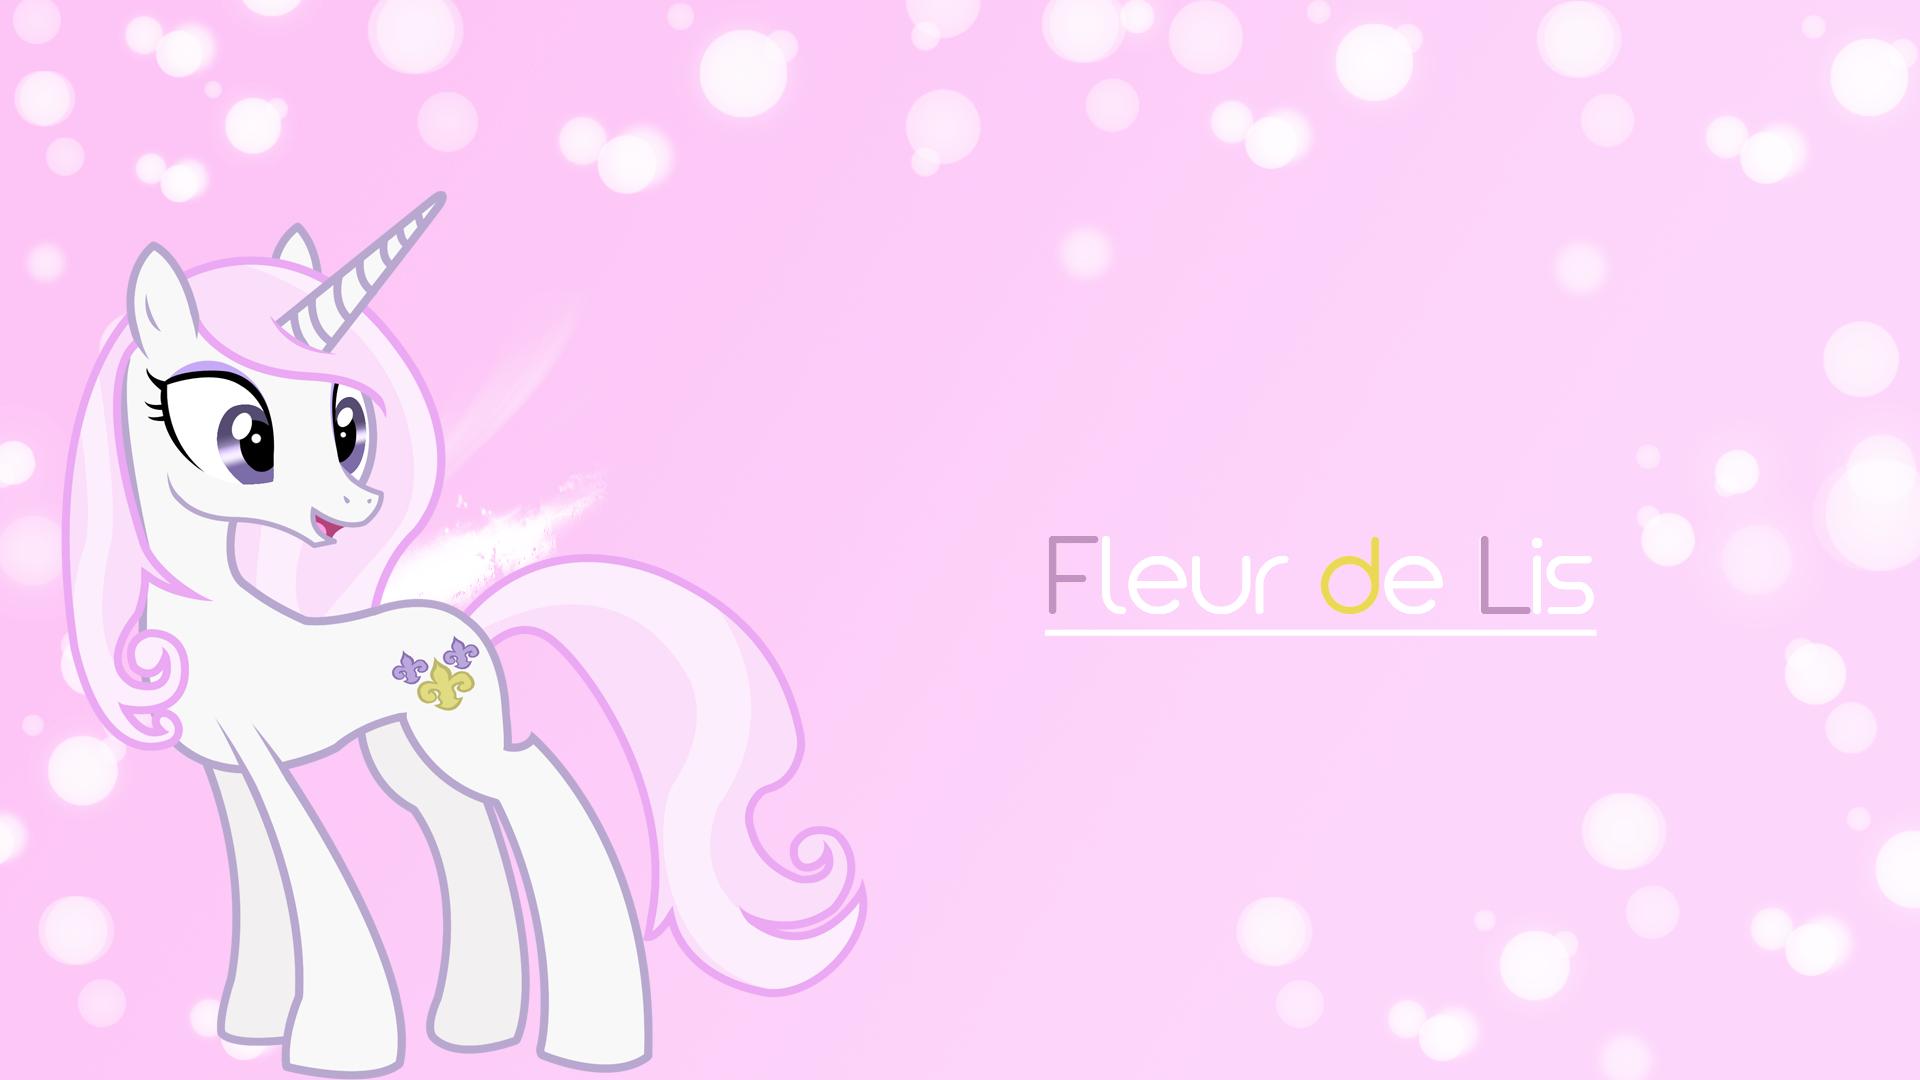 Fleur de Lis wallpaper by sorata-daidouji and SoundmOtion